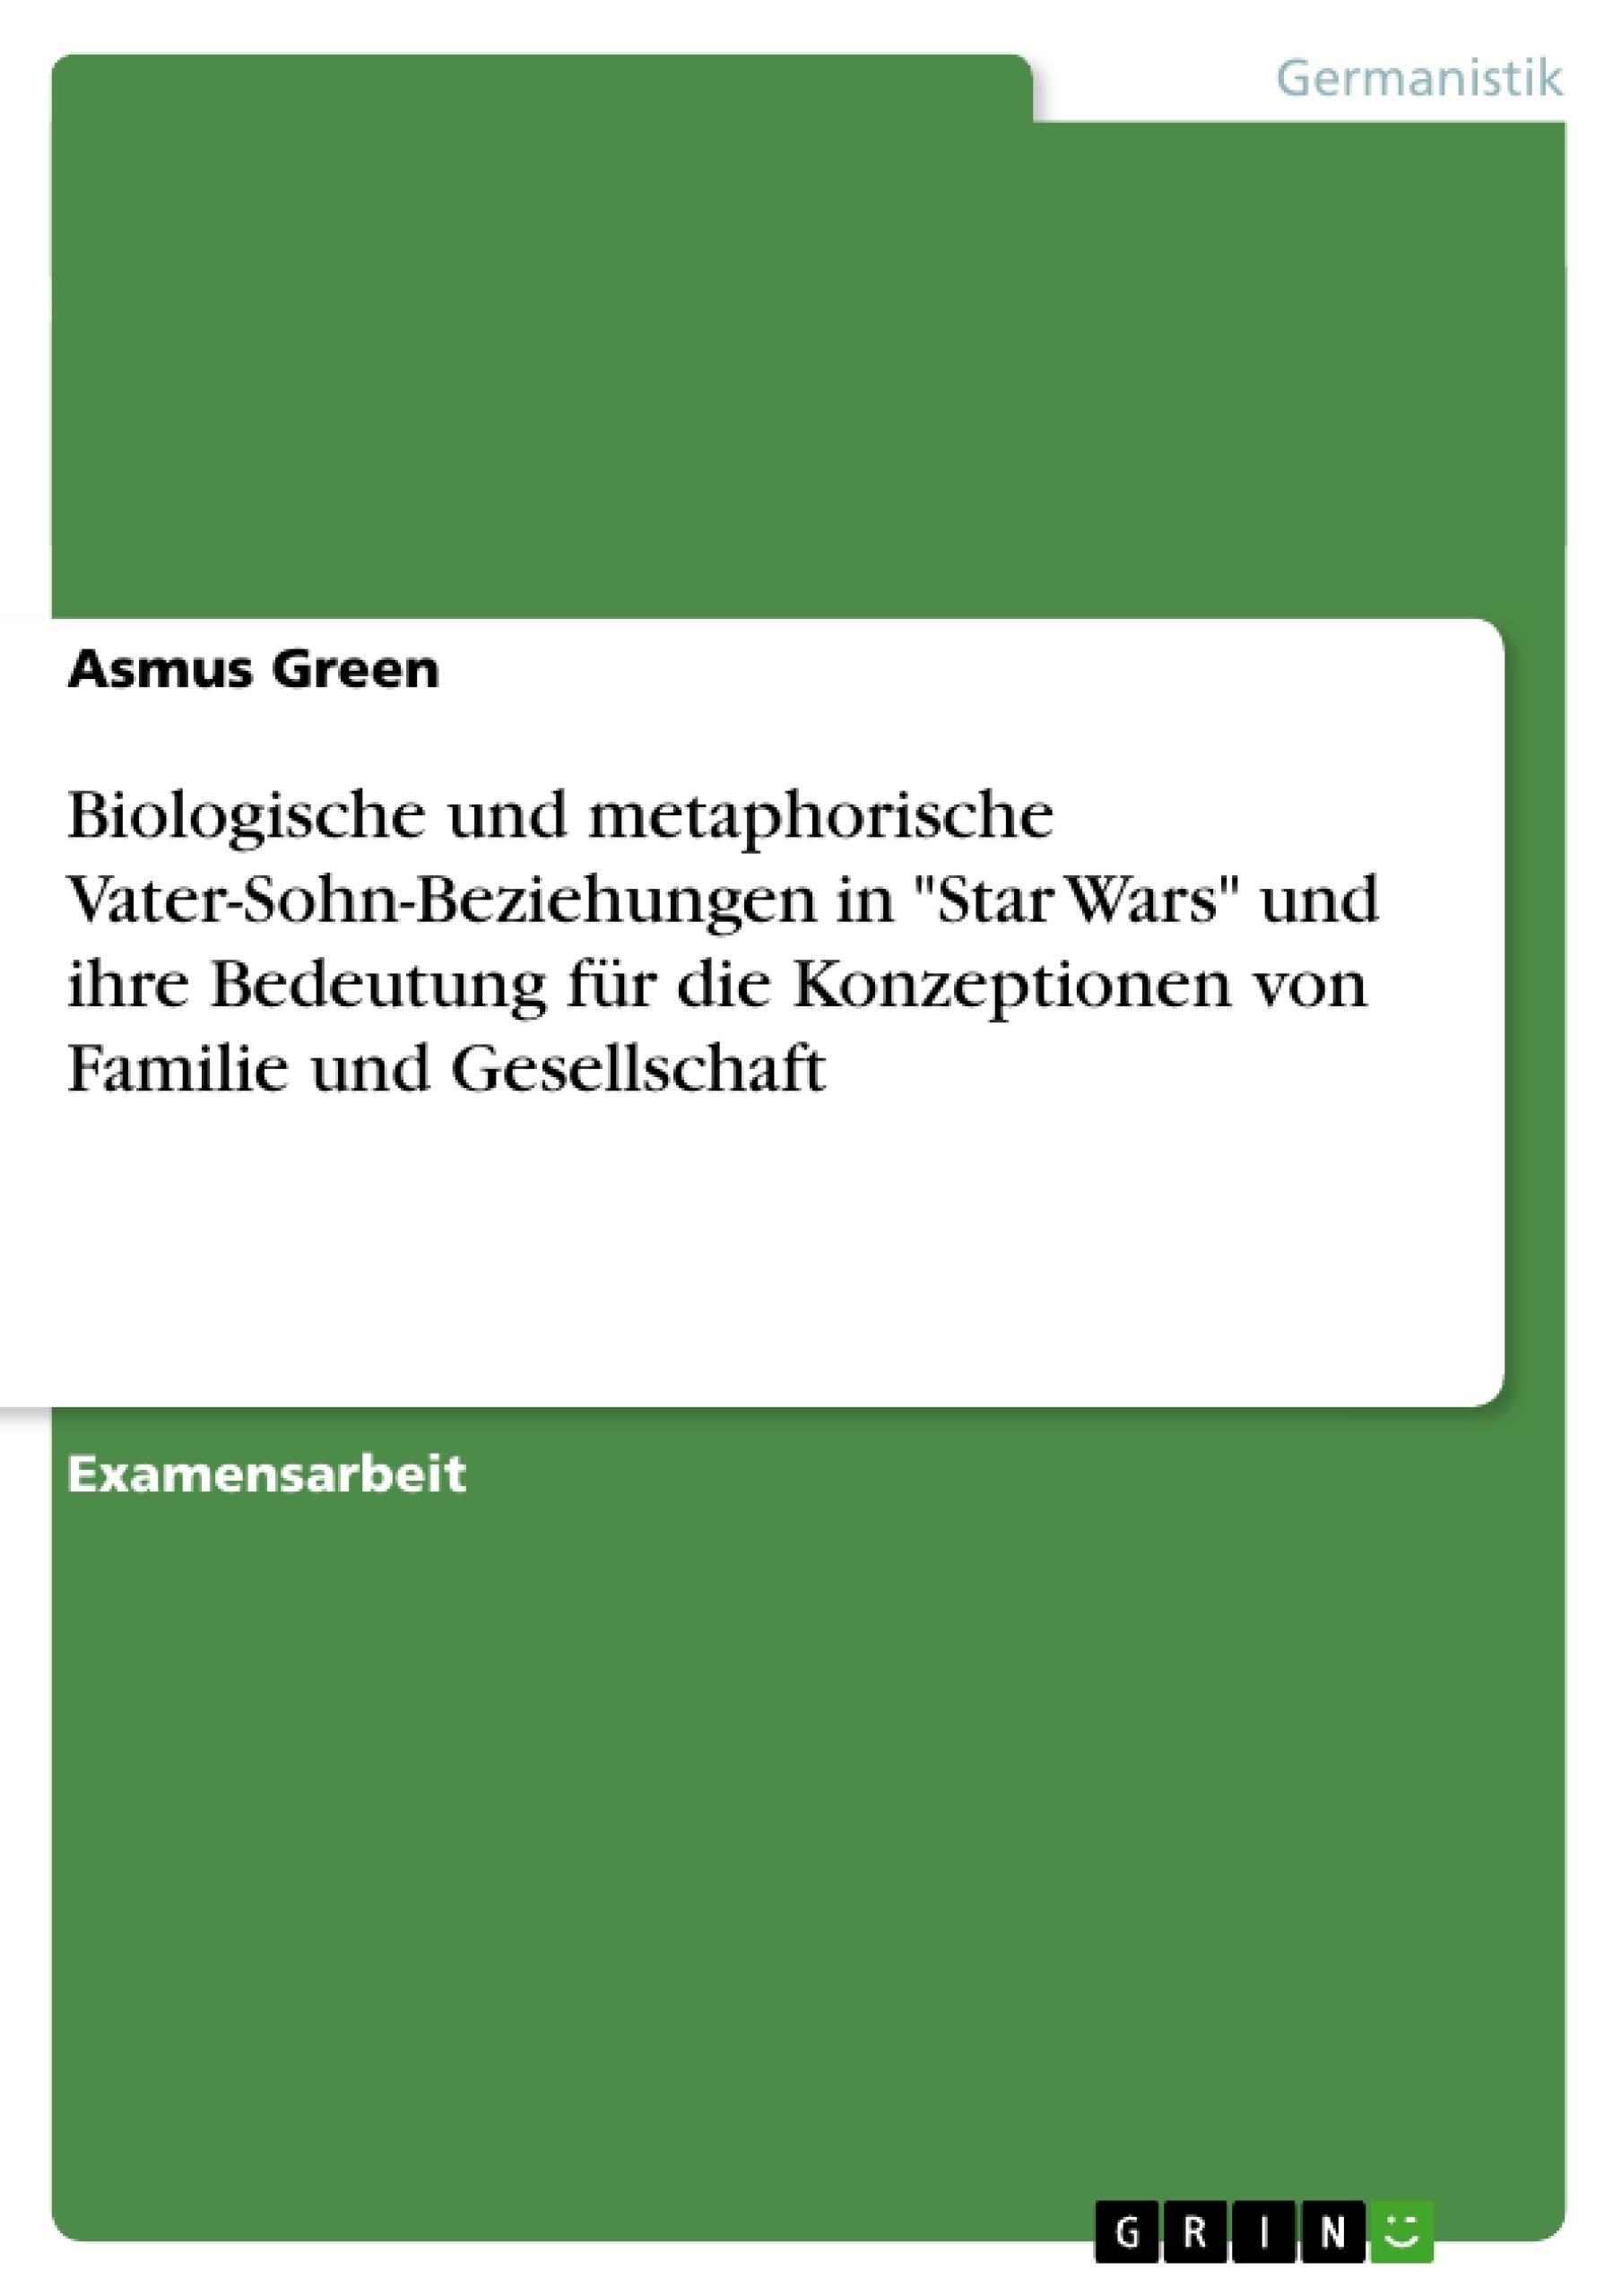 """Titel: Biologische und metaphorische Vater-Sohn-Beziehungen in """"Star Wars"""" und ihre Bedeutung für die Konzeptionen von Familie und Gesellschaft"""